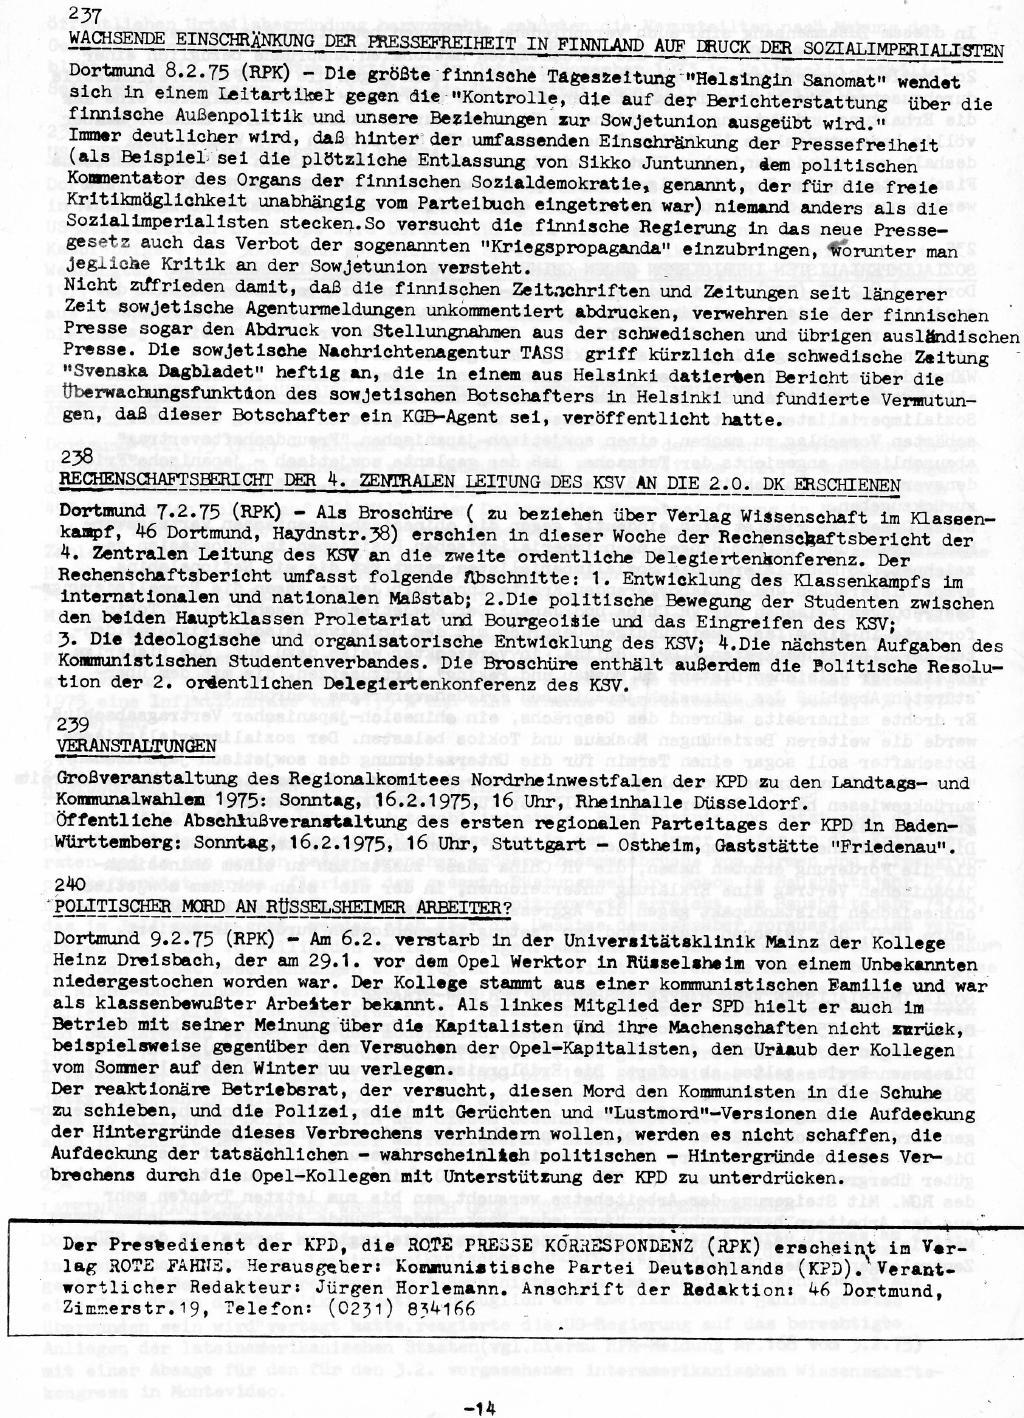 RPK_Pressedienst_1975_12_14